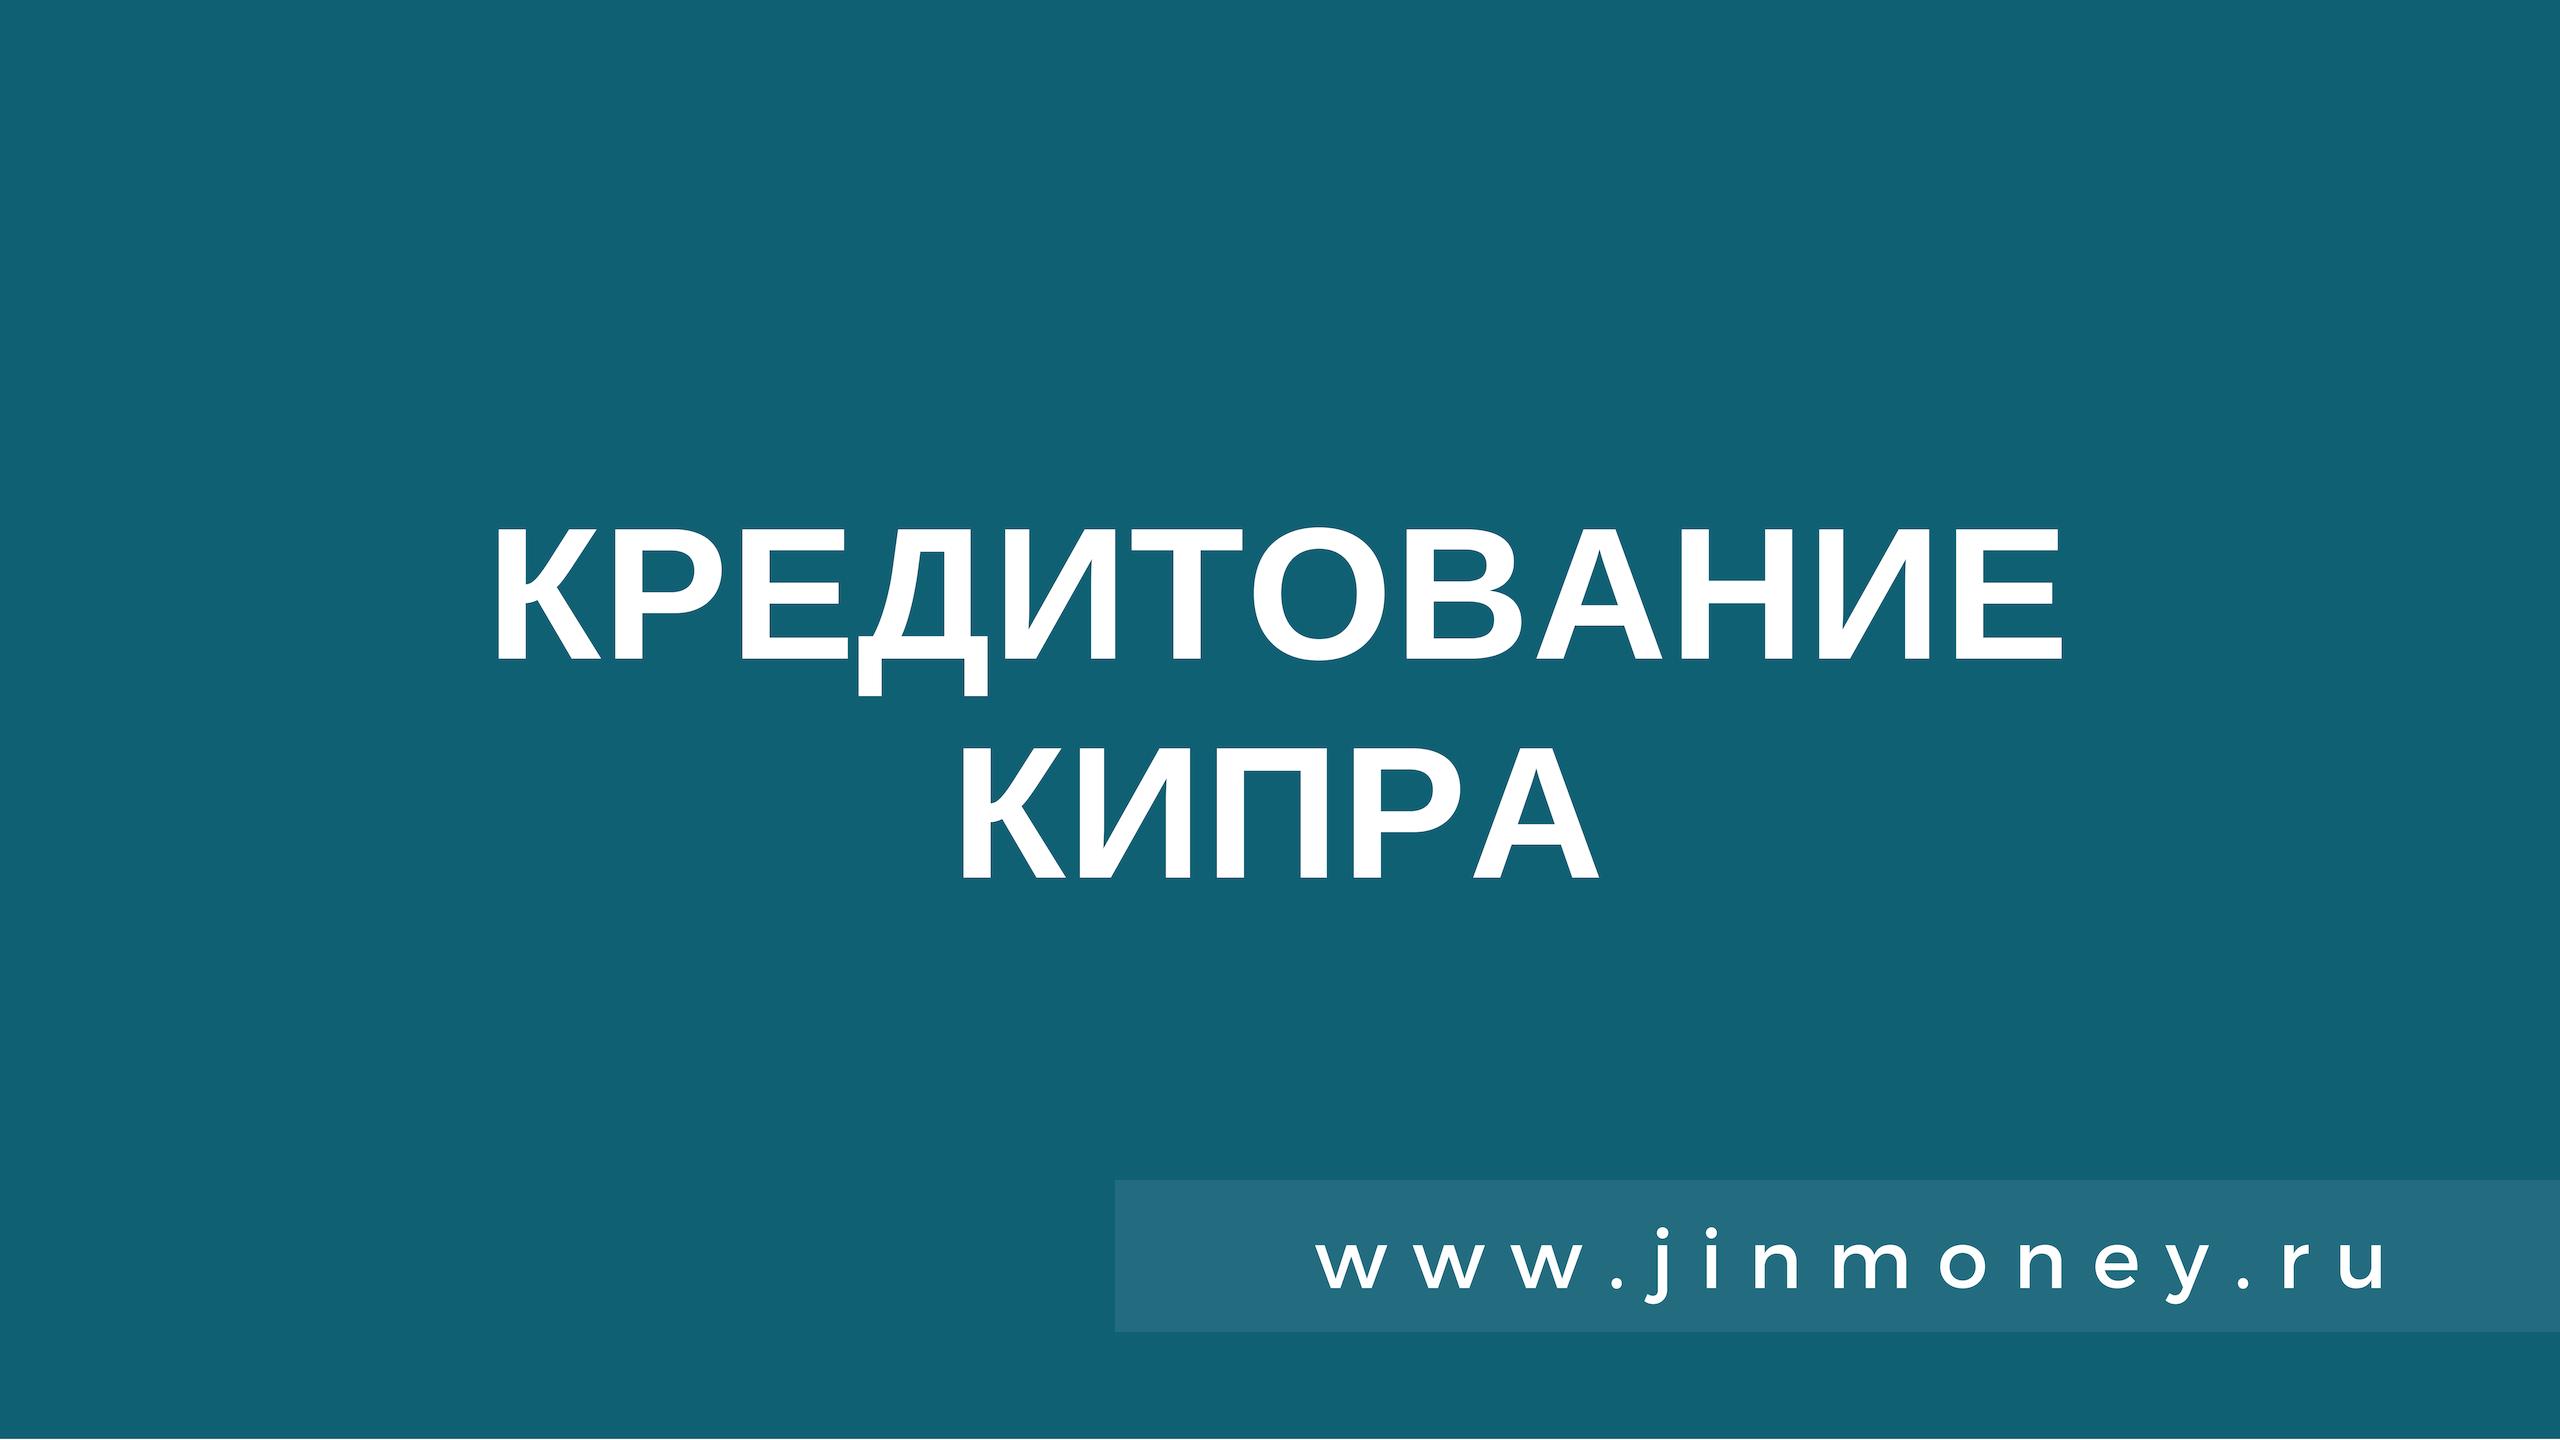 кредитование кипра российскими банками